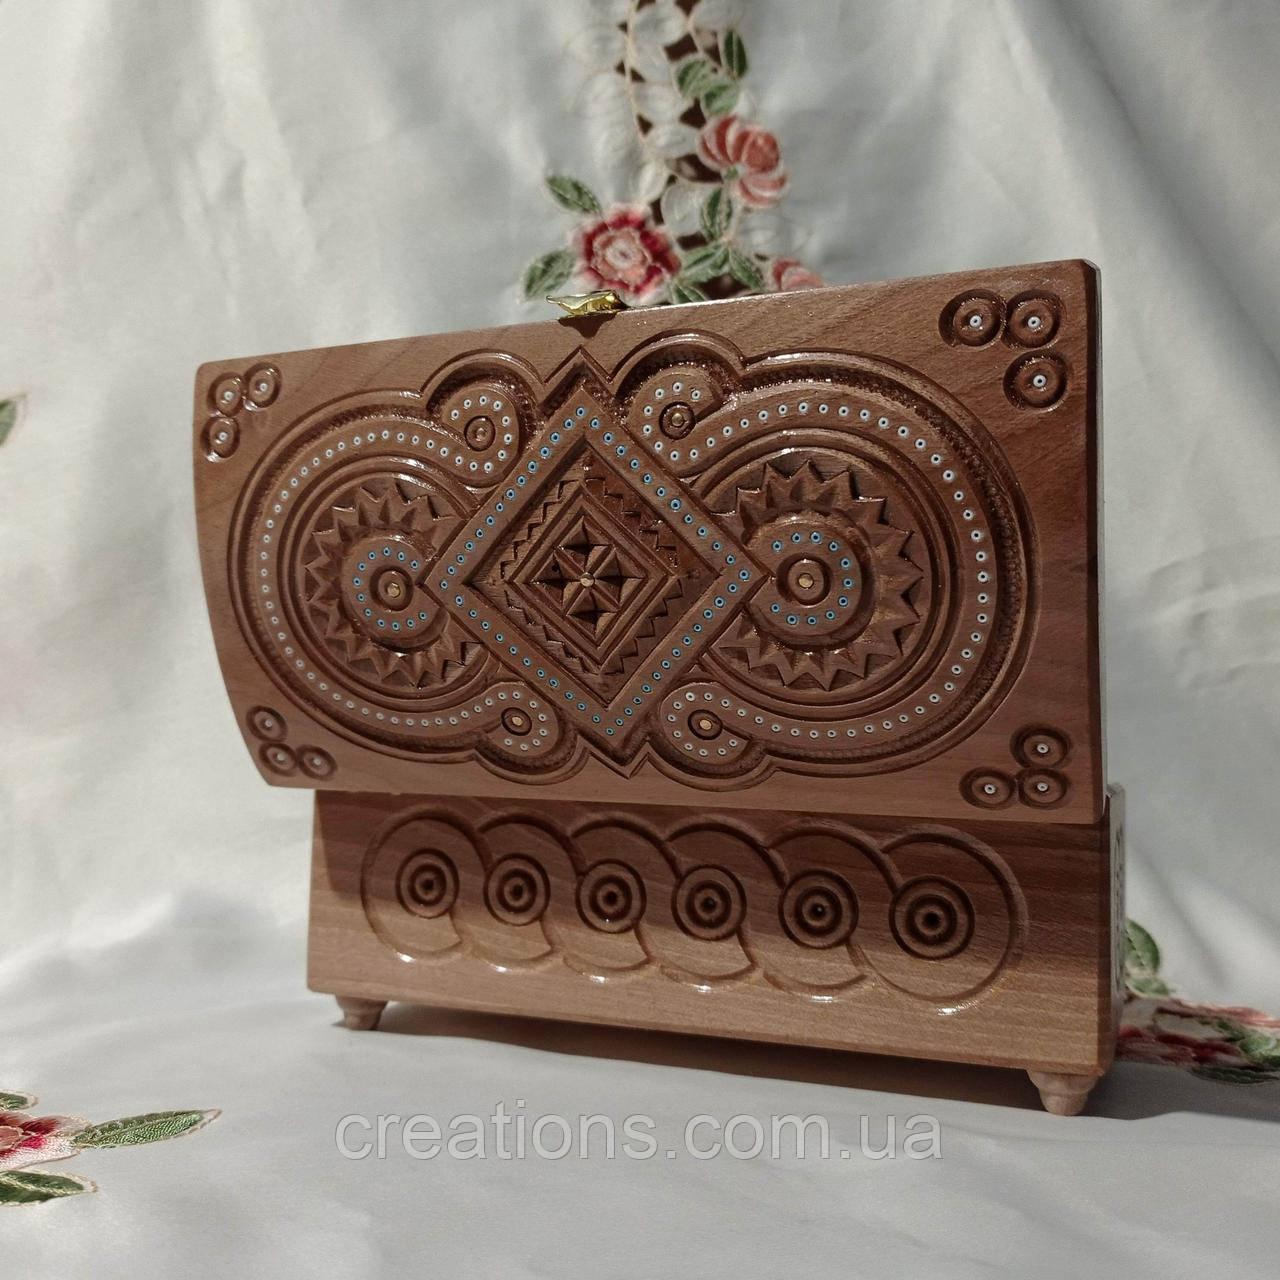 Шкатулка деревянная резная 21*11*11 для украшений, ручная работа